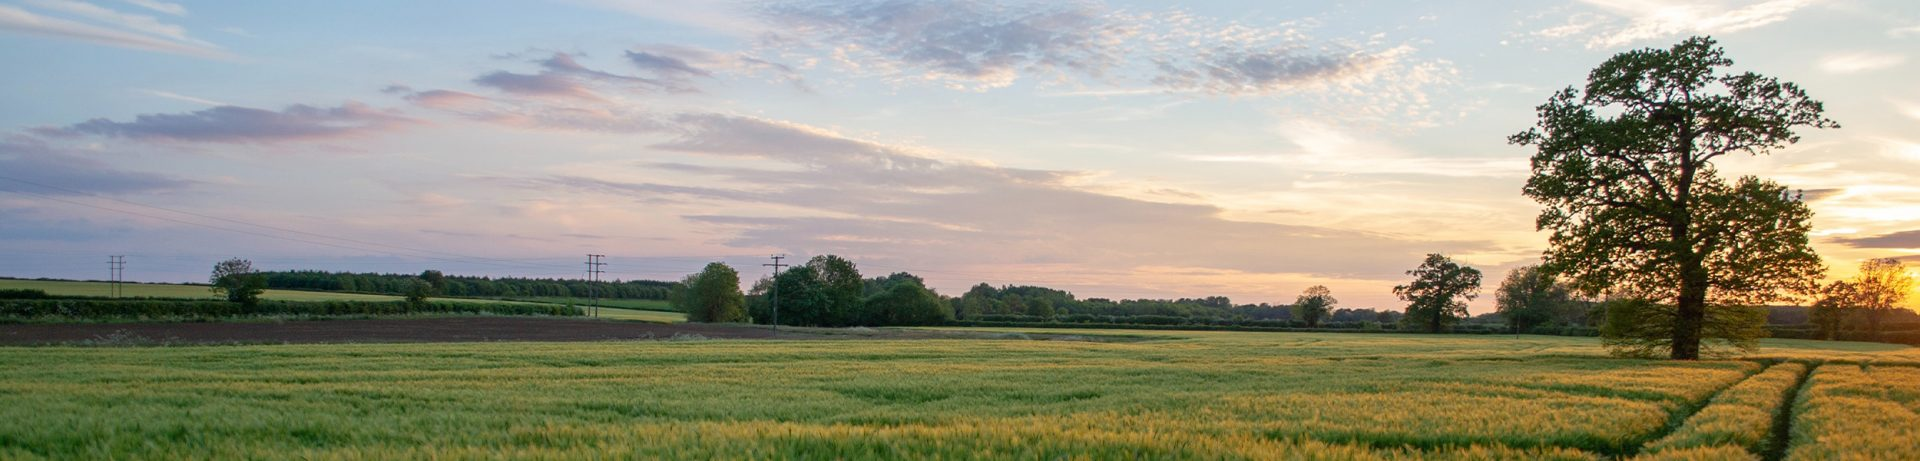 Picture landscape